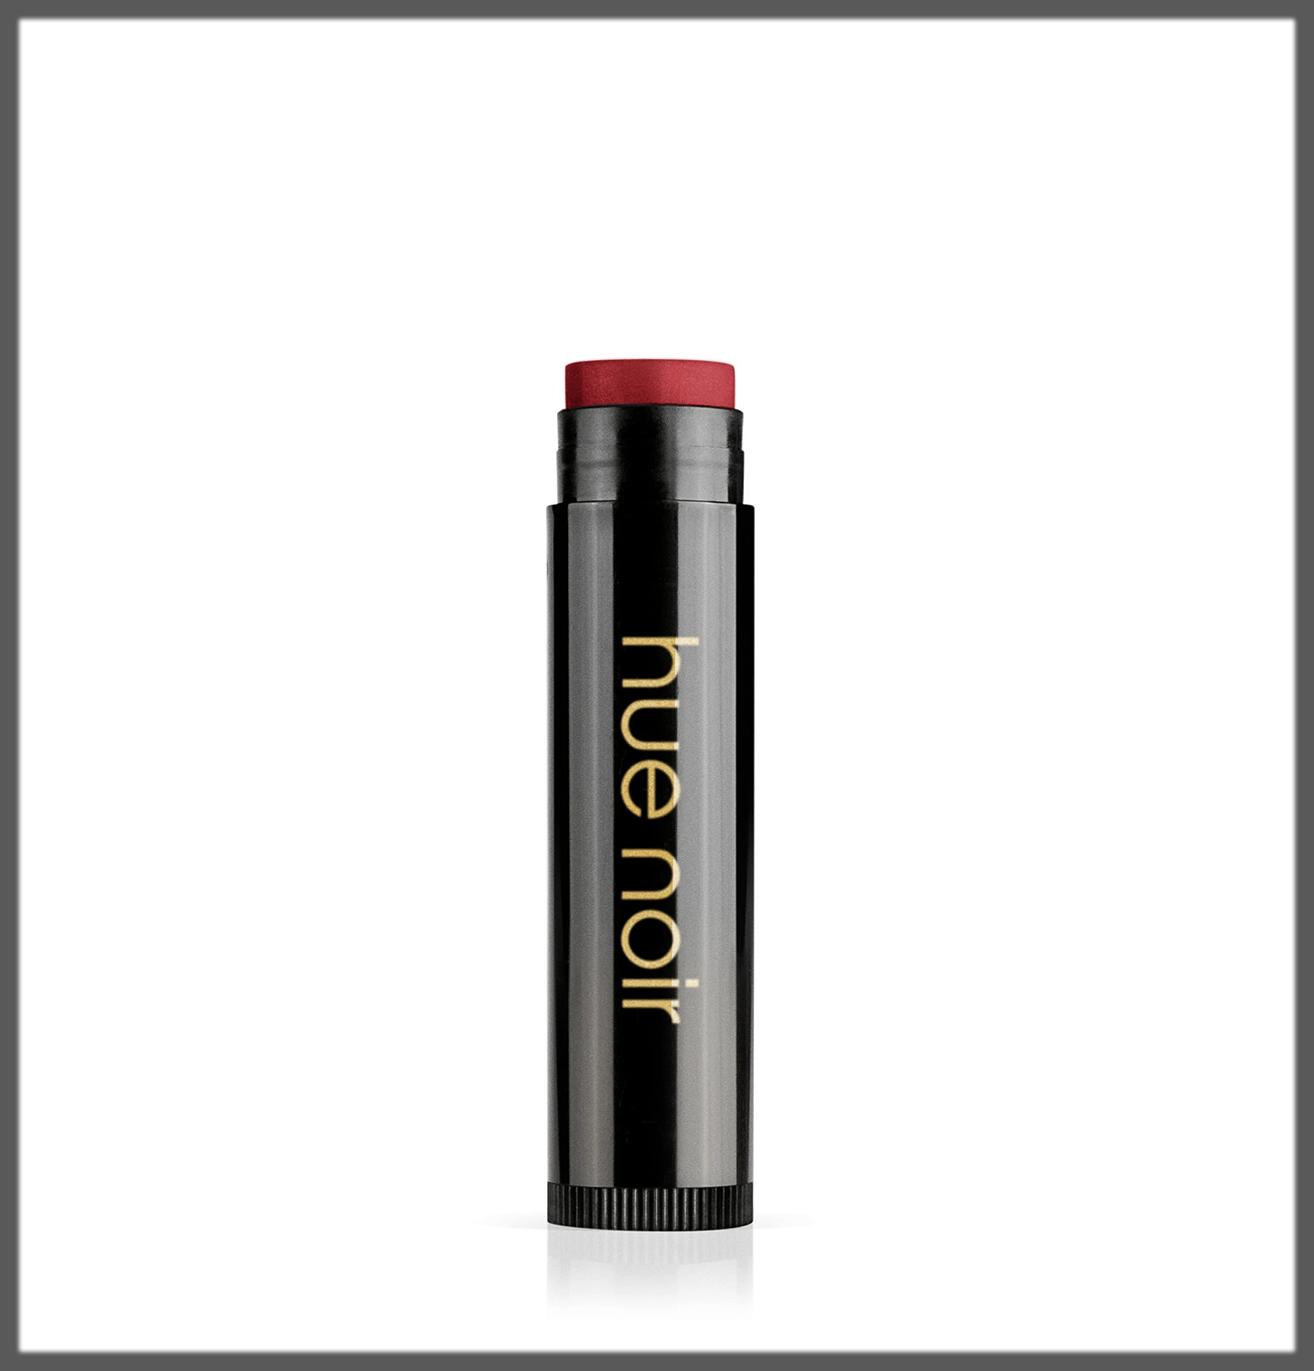 Hue Noir's perfect Moisture Lip Butter